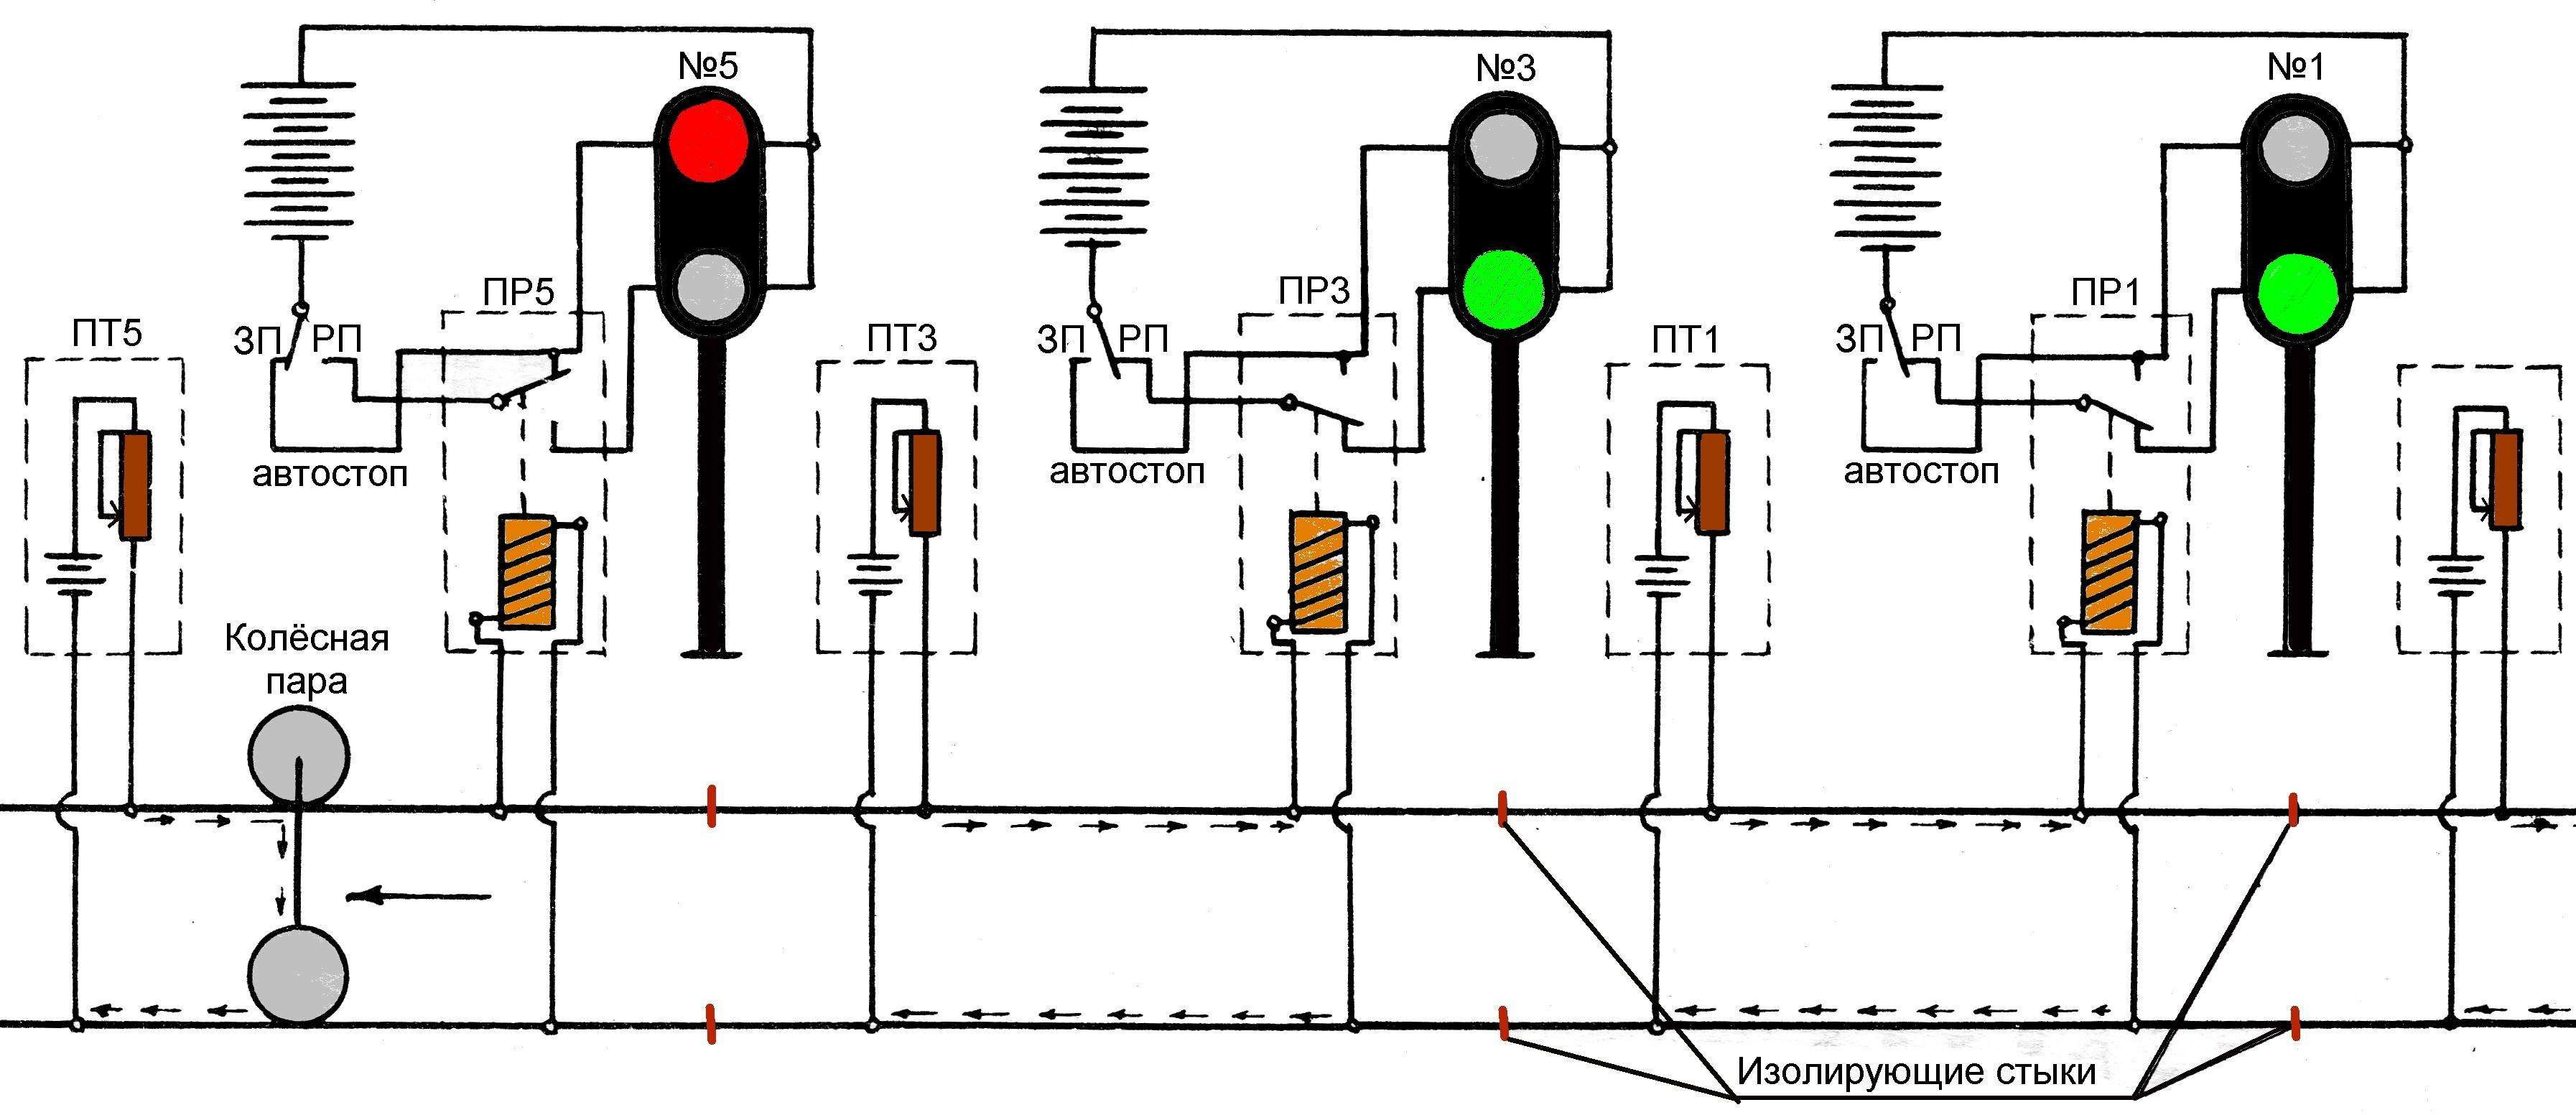 Схема автоматики фидера контактной сети переменного тока